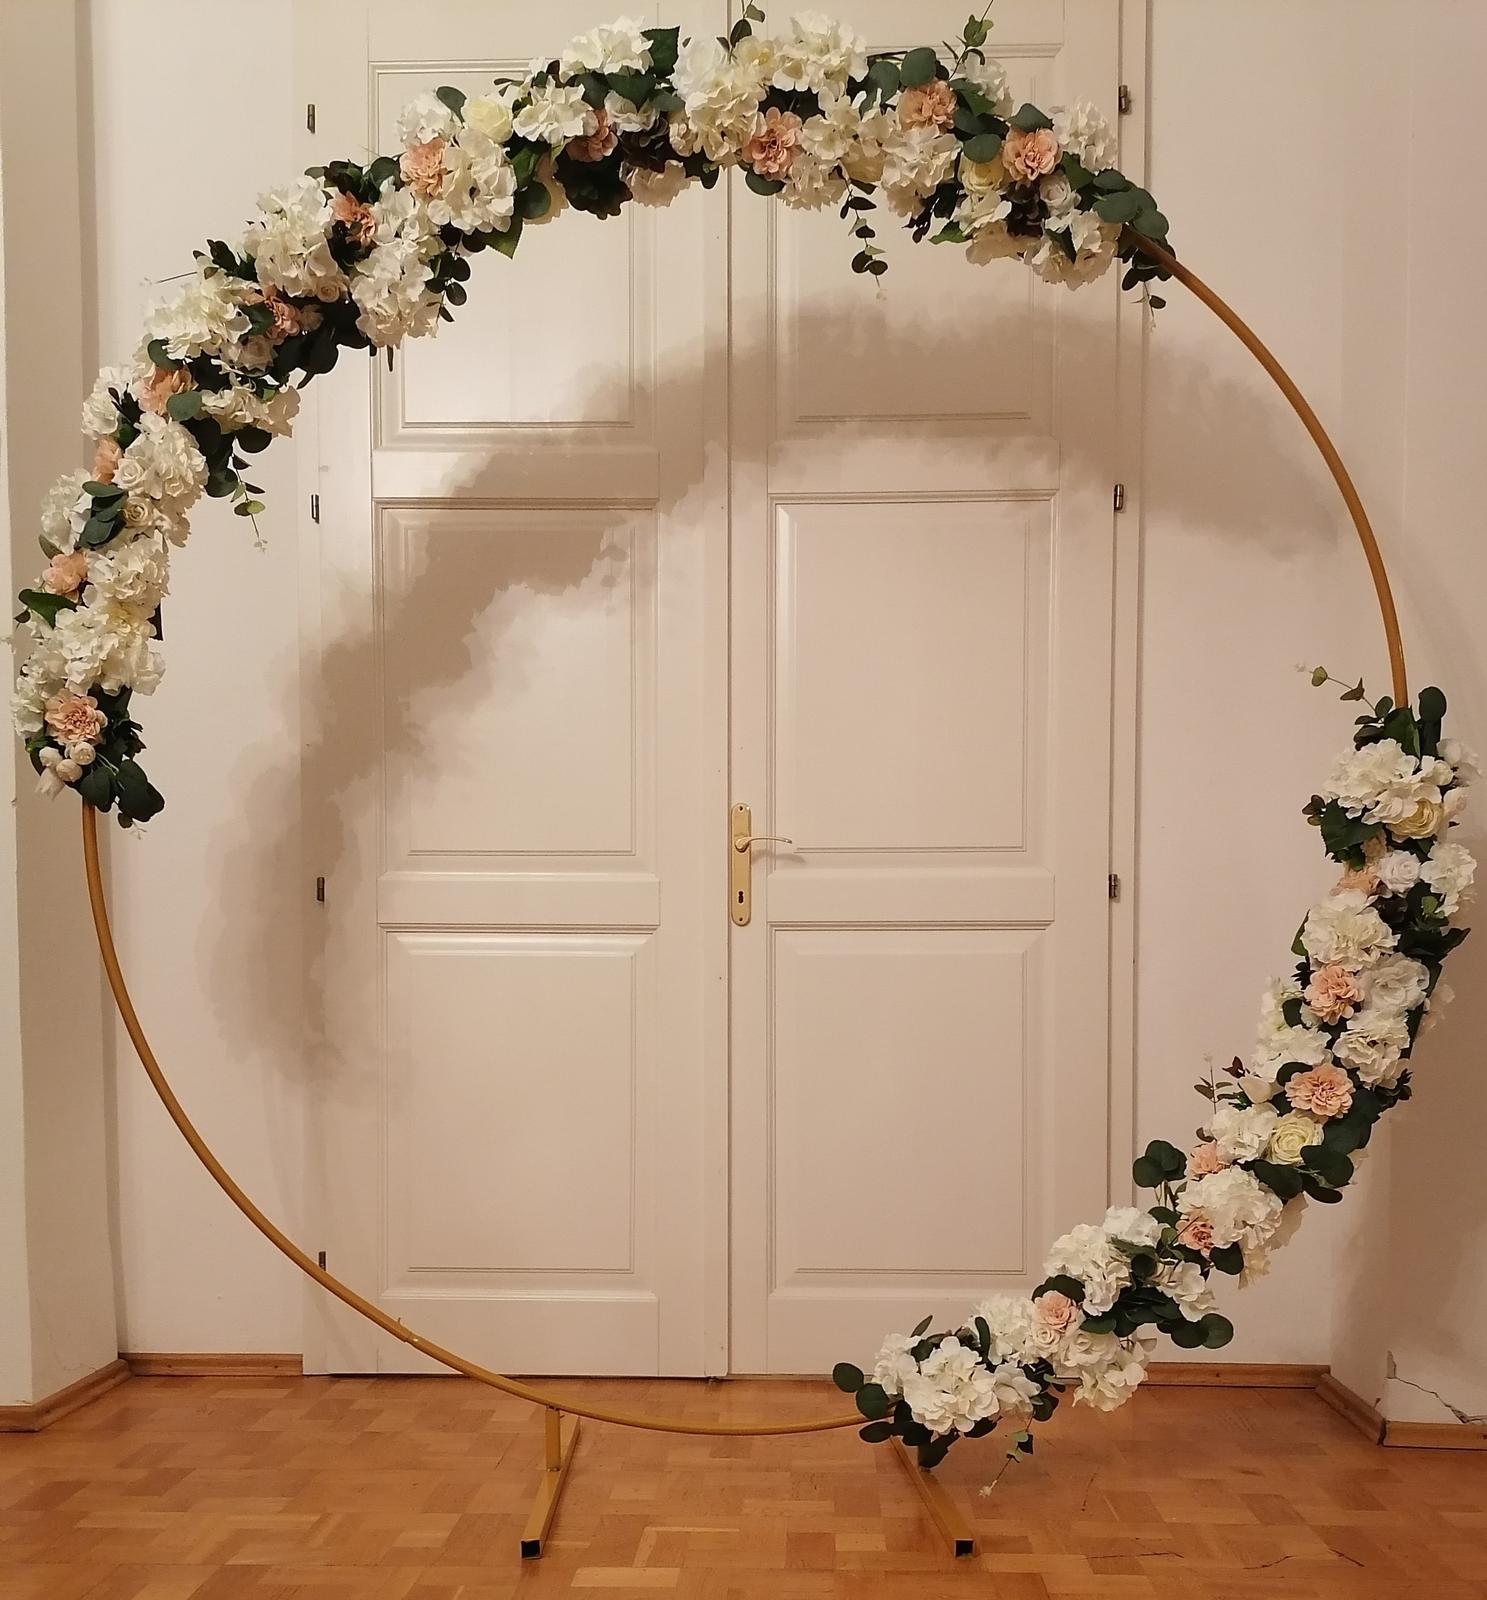 Slávobrána / svadobný kruh - Obrázok č. 1